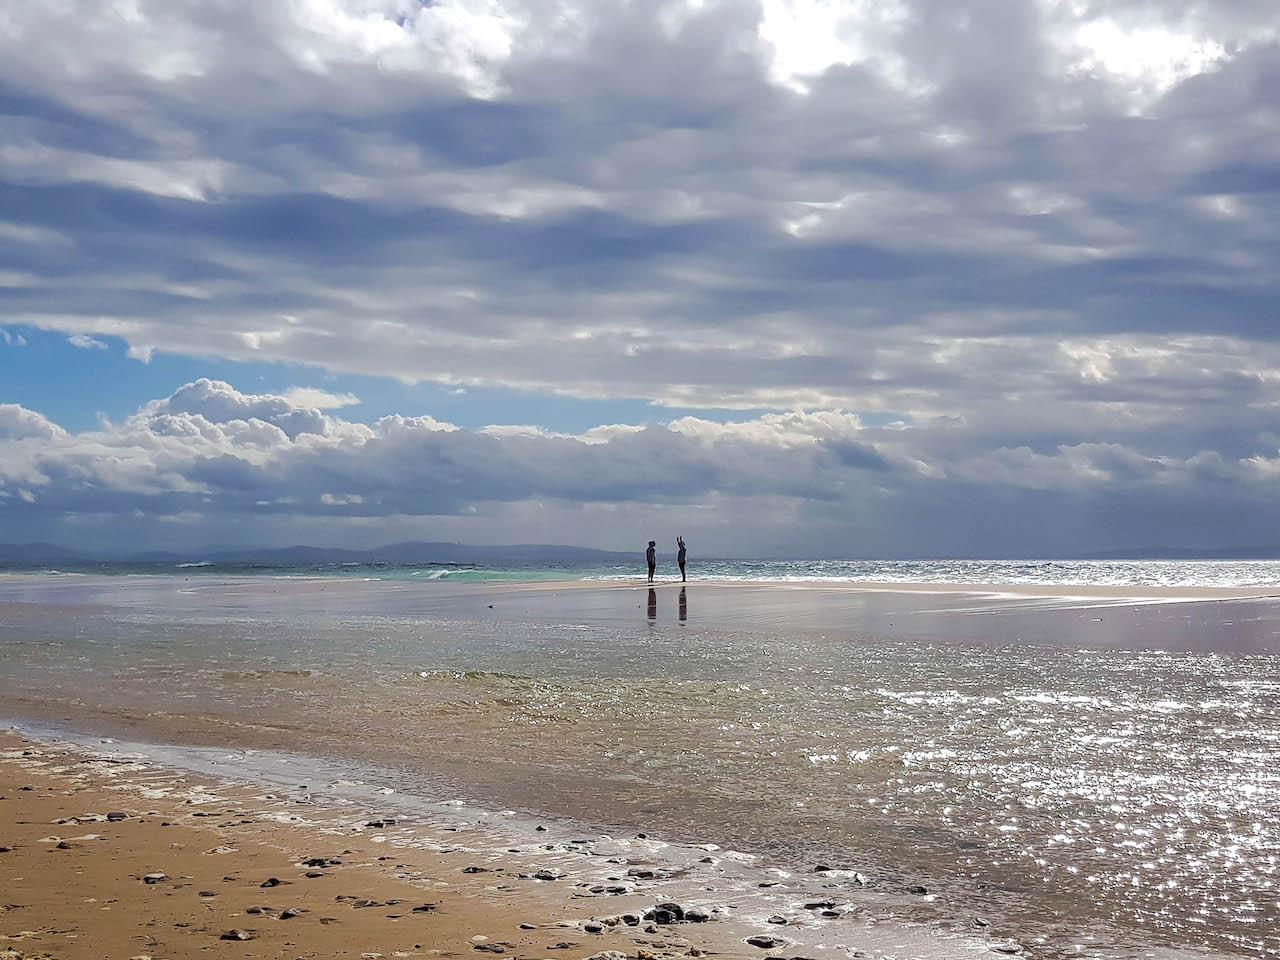 Zwei Personen stehen am Strand.